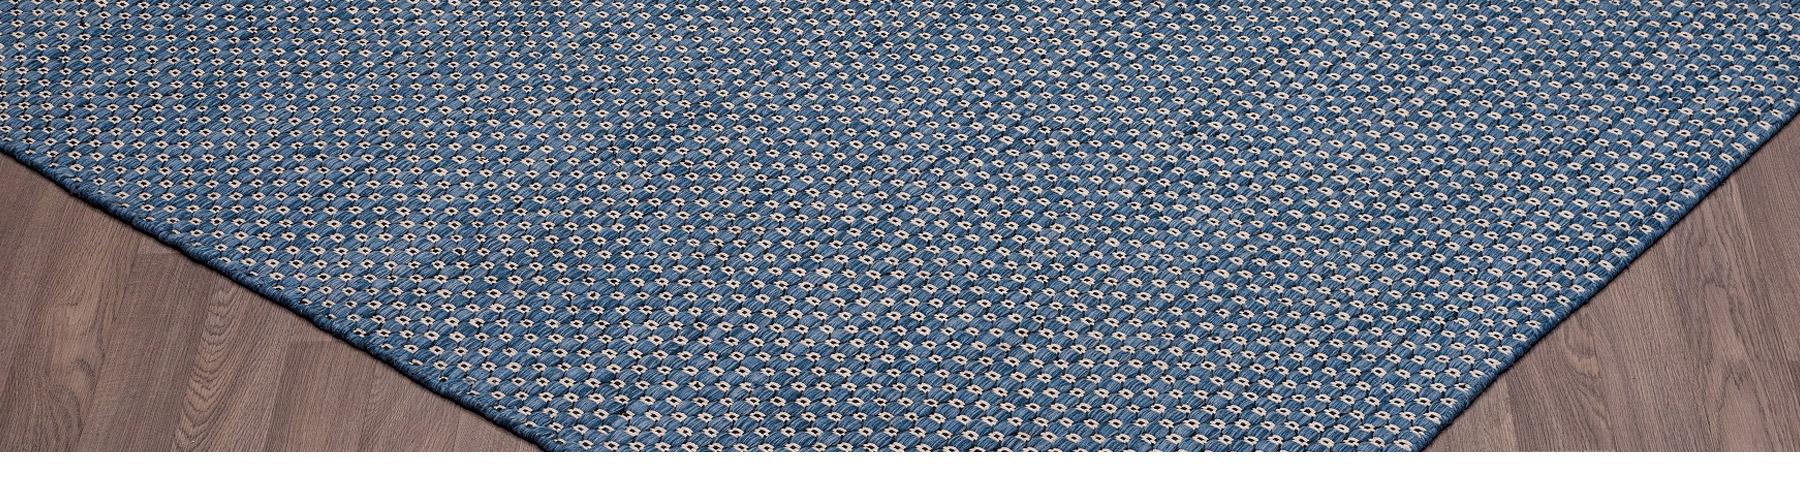 Nordique Bleu - Carpette Tapis William